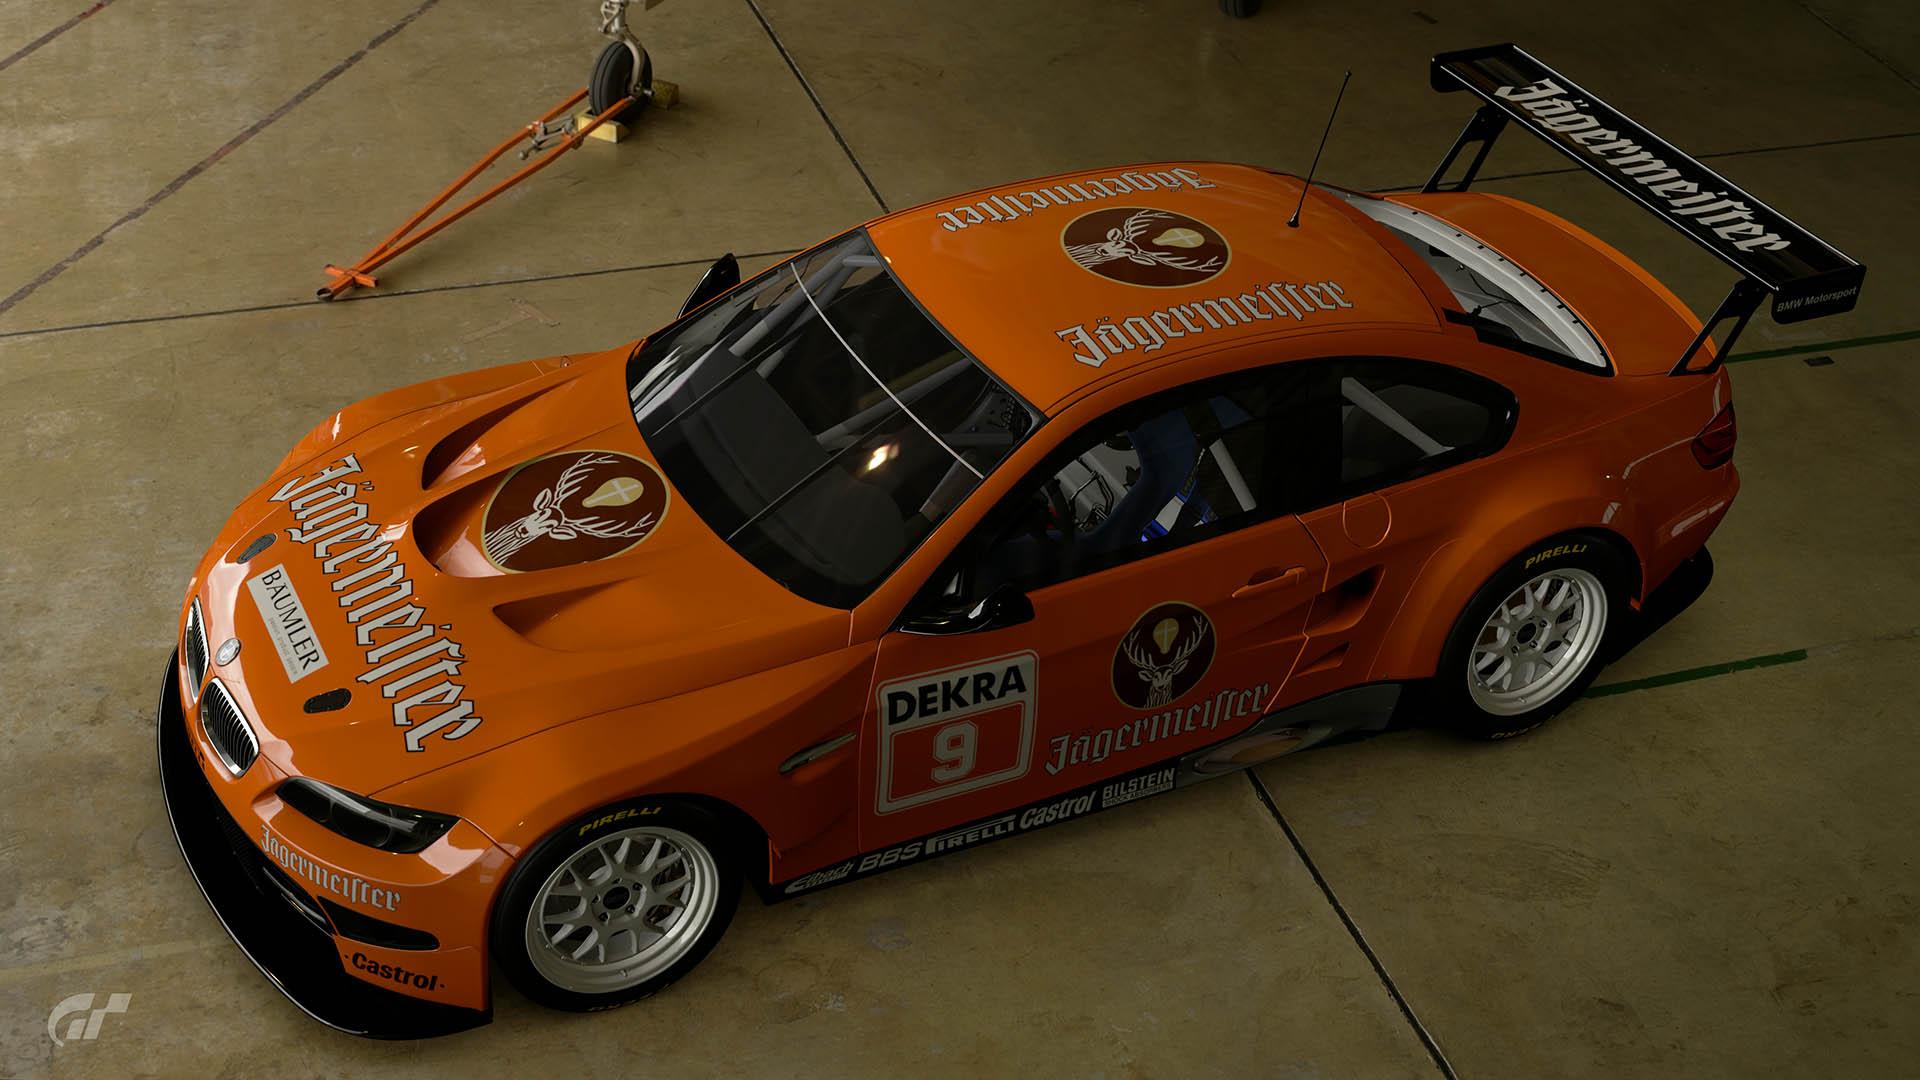 Armin Hahne 1993 DTM BMW M3 GT